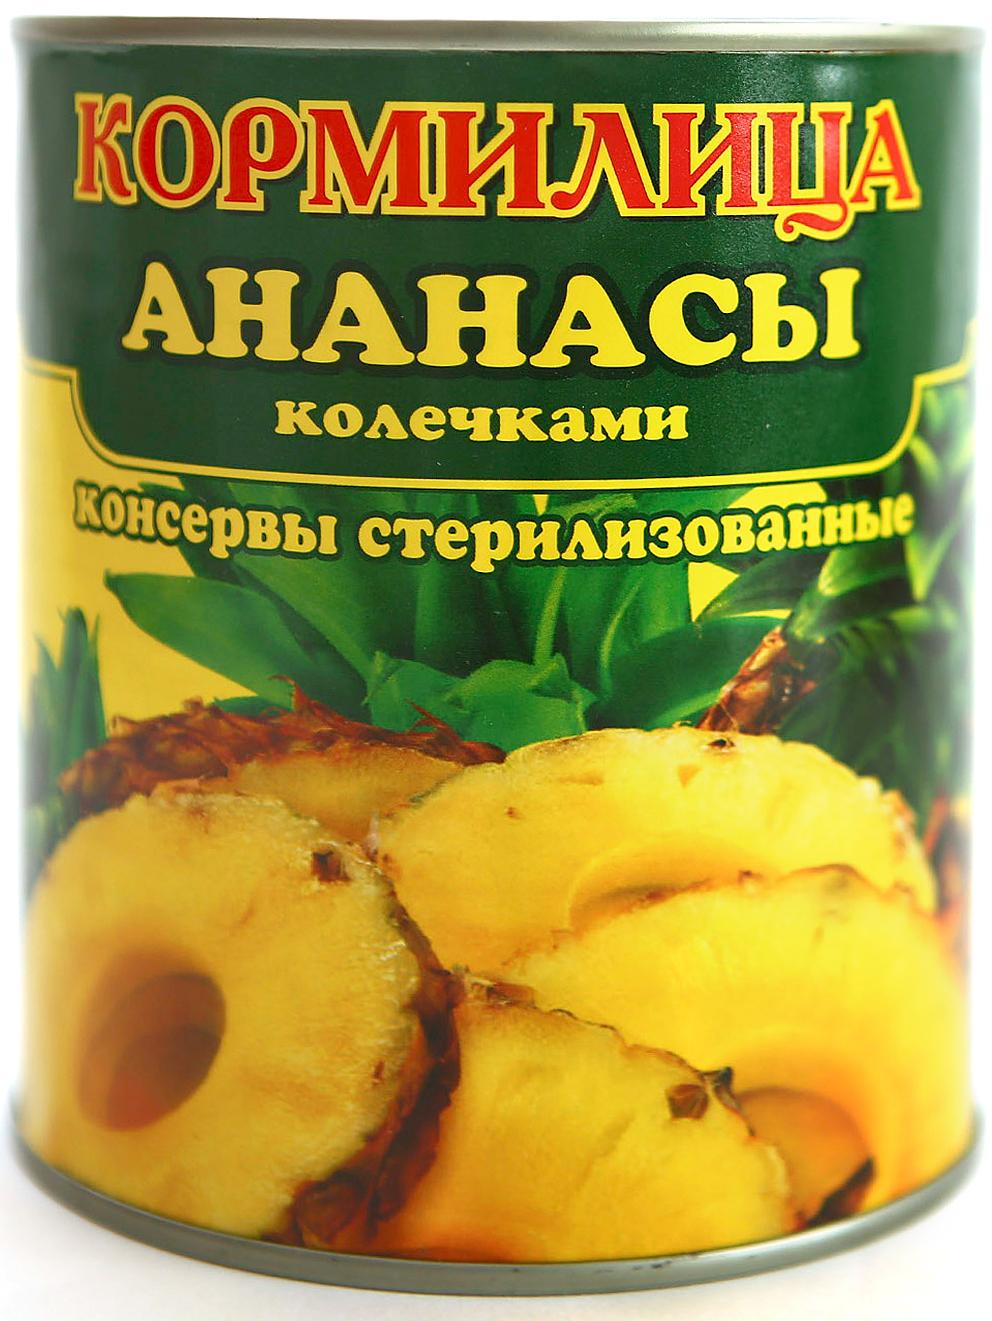 Кормилица Ананасы консервированные кольцами, 850 мл lorado персики половинки в легком сиропе 850 мл